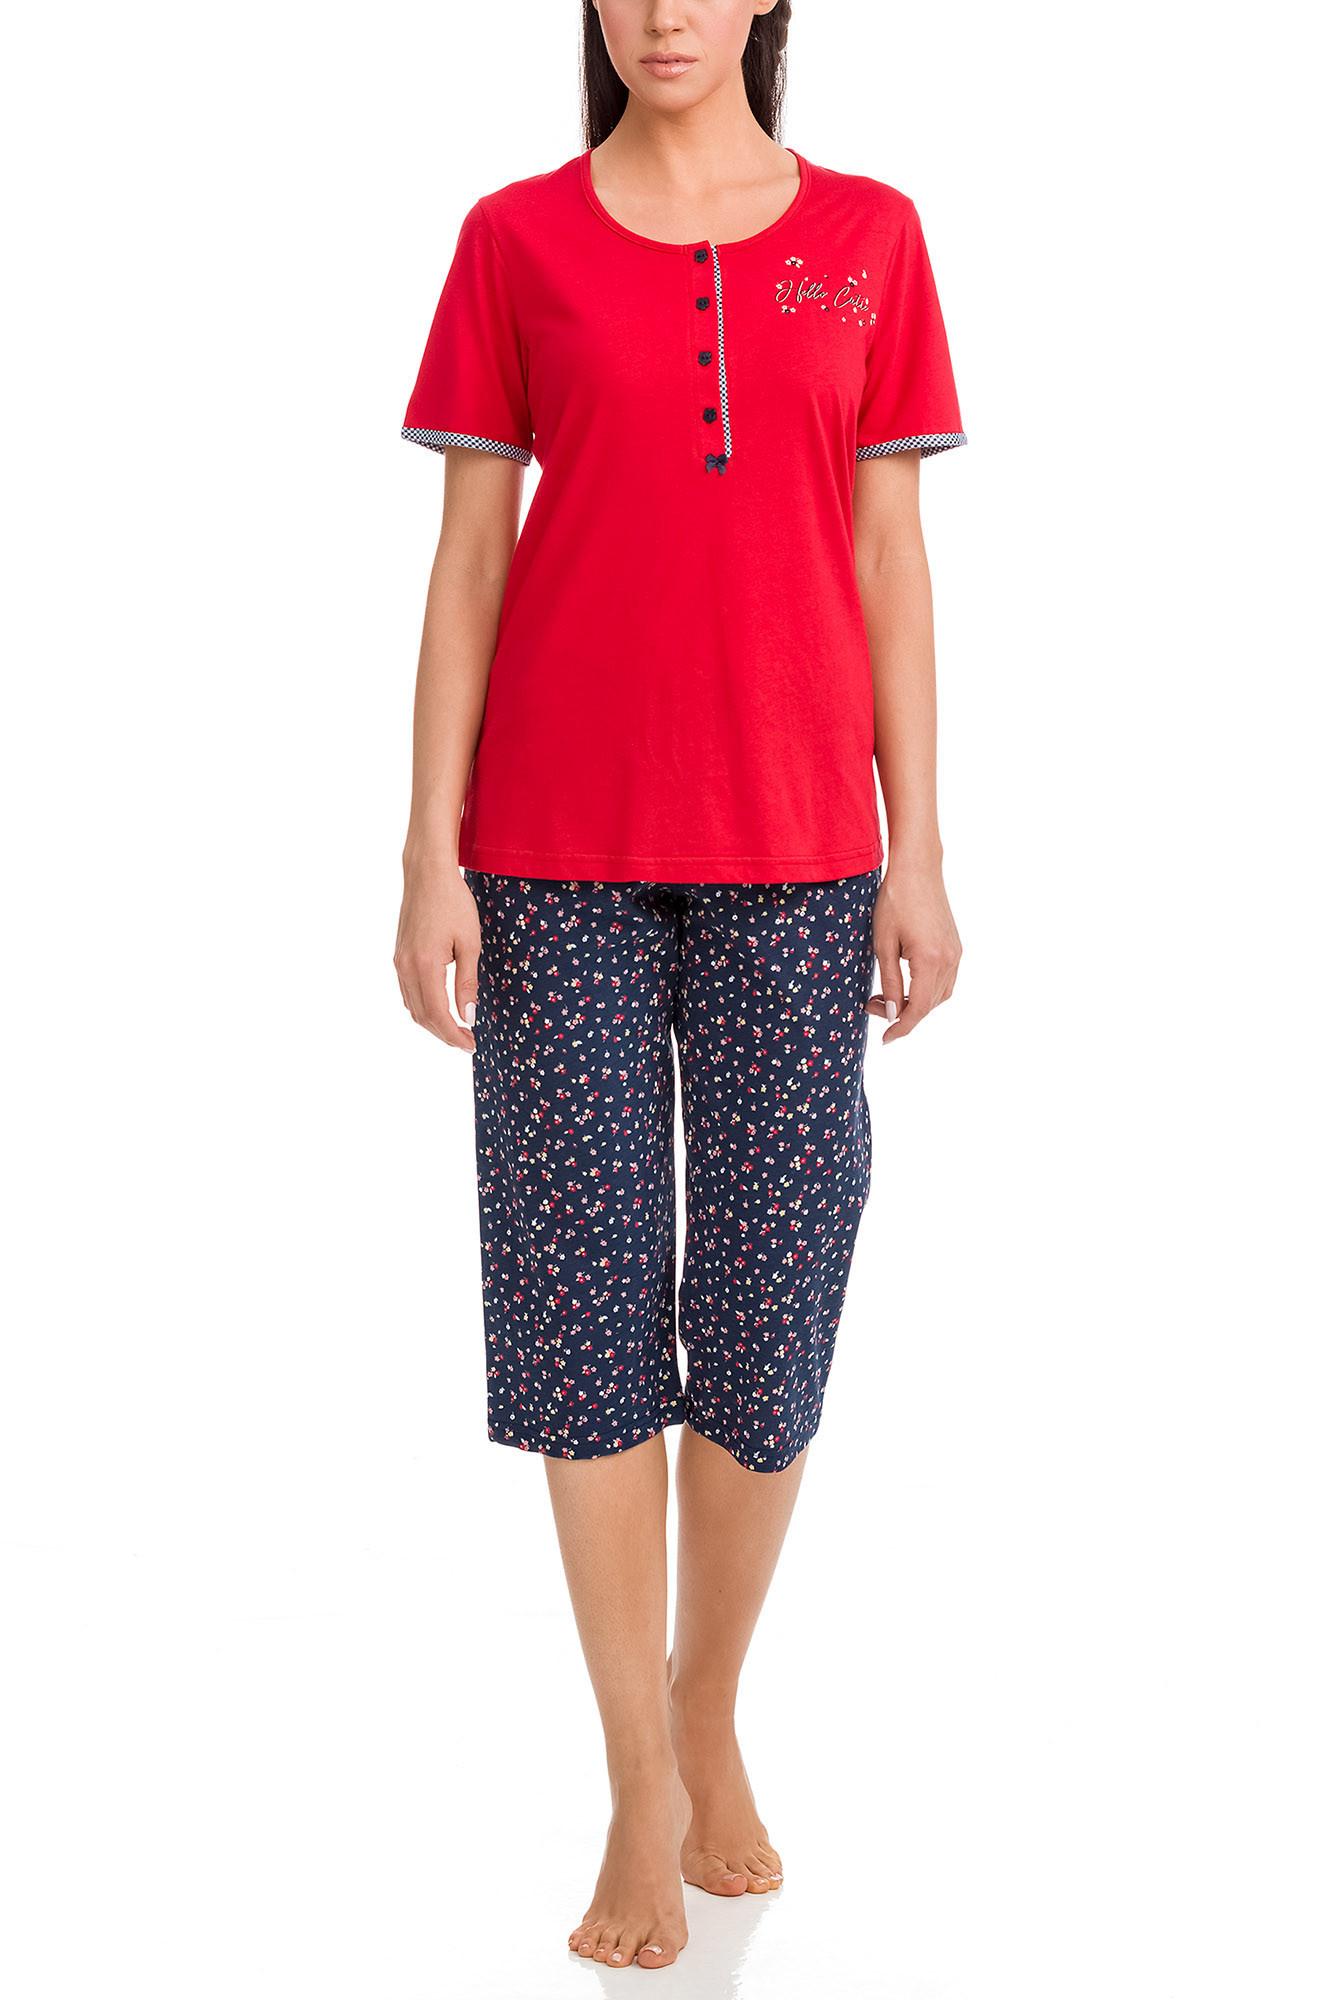 Vamp - Dámske pyžamo 12422 - Vamp red xl